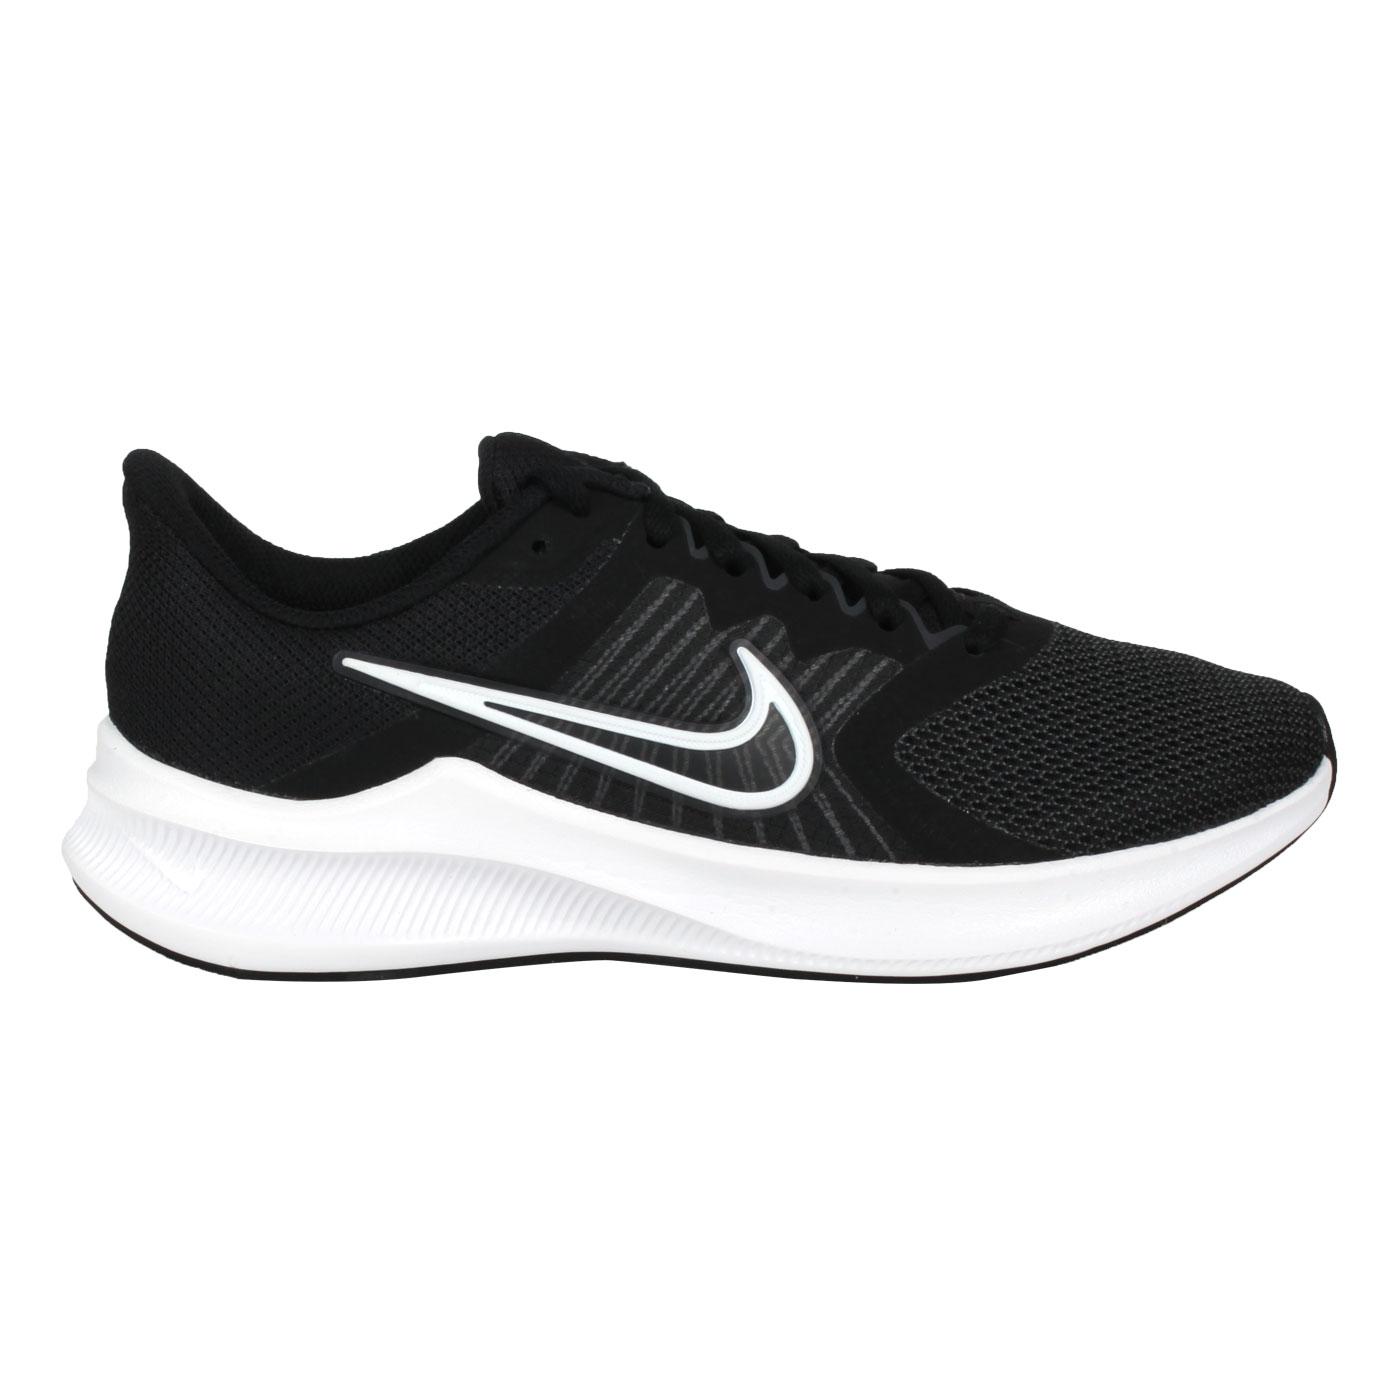 NIKE 女款慢跑鞋  @WMNS DOWNSHIFTER 11@CW3413006